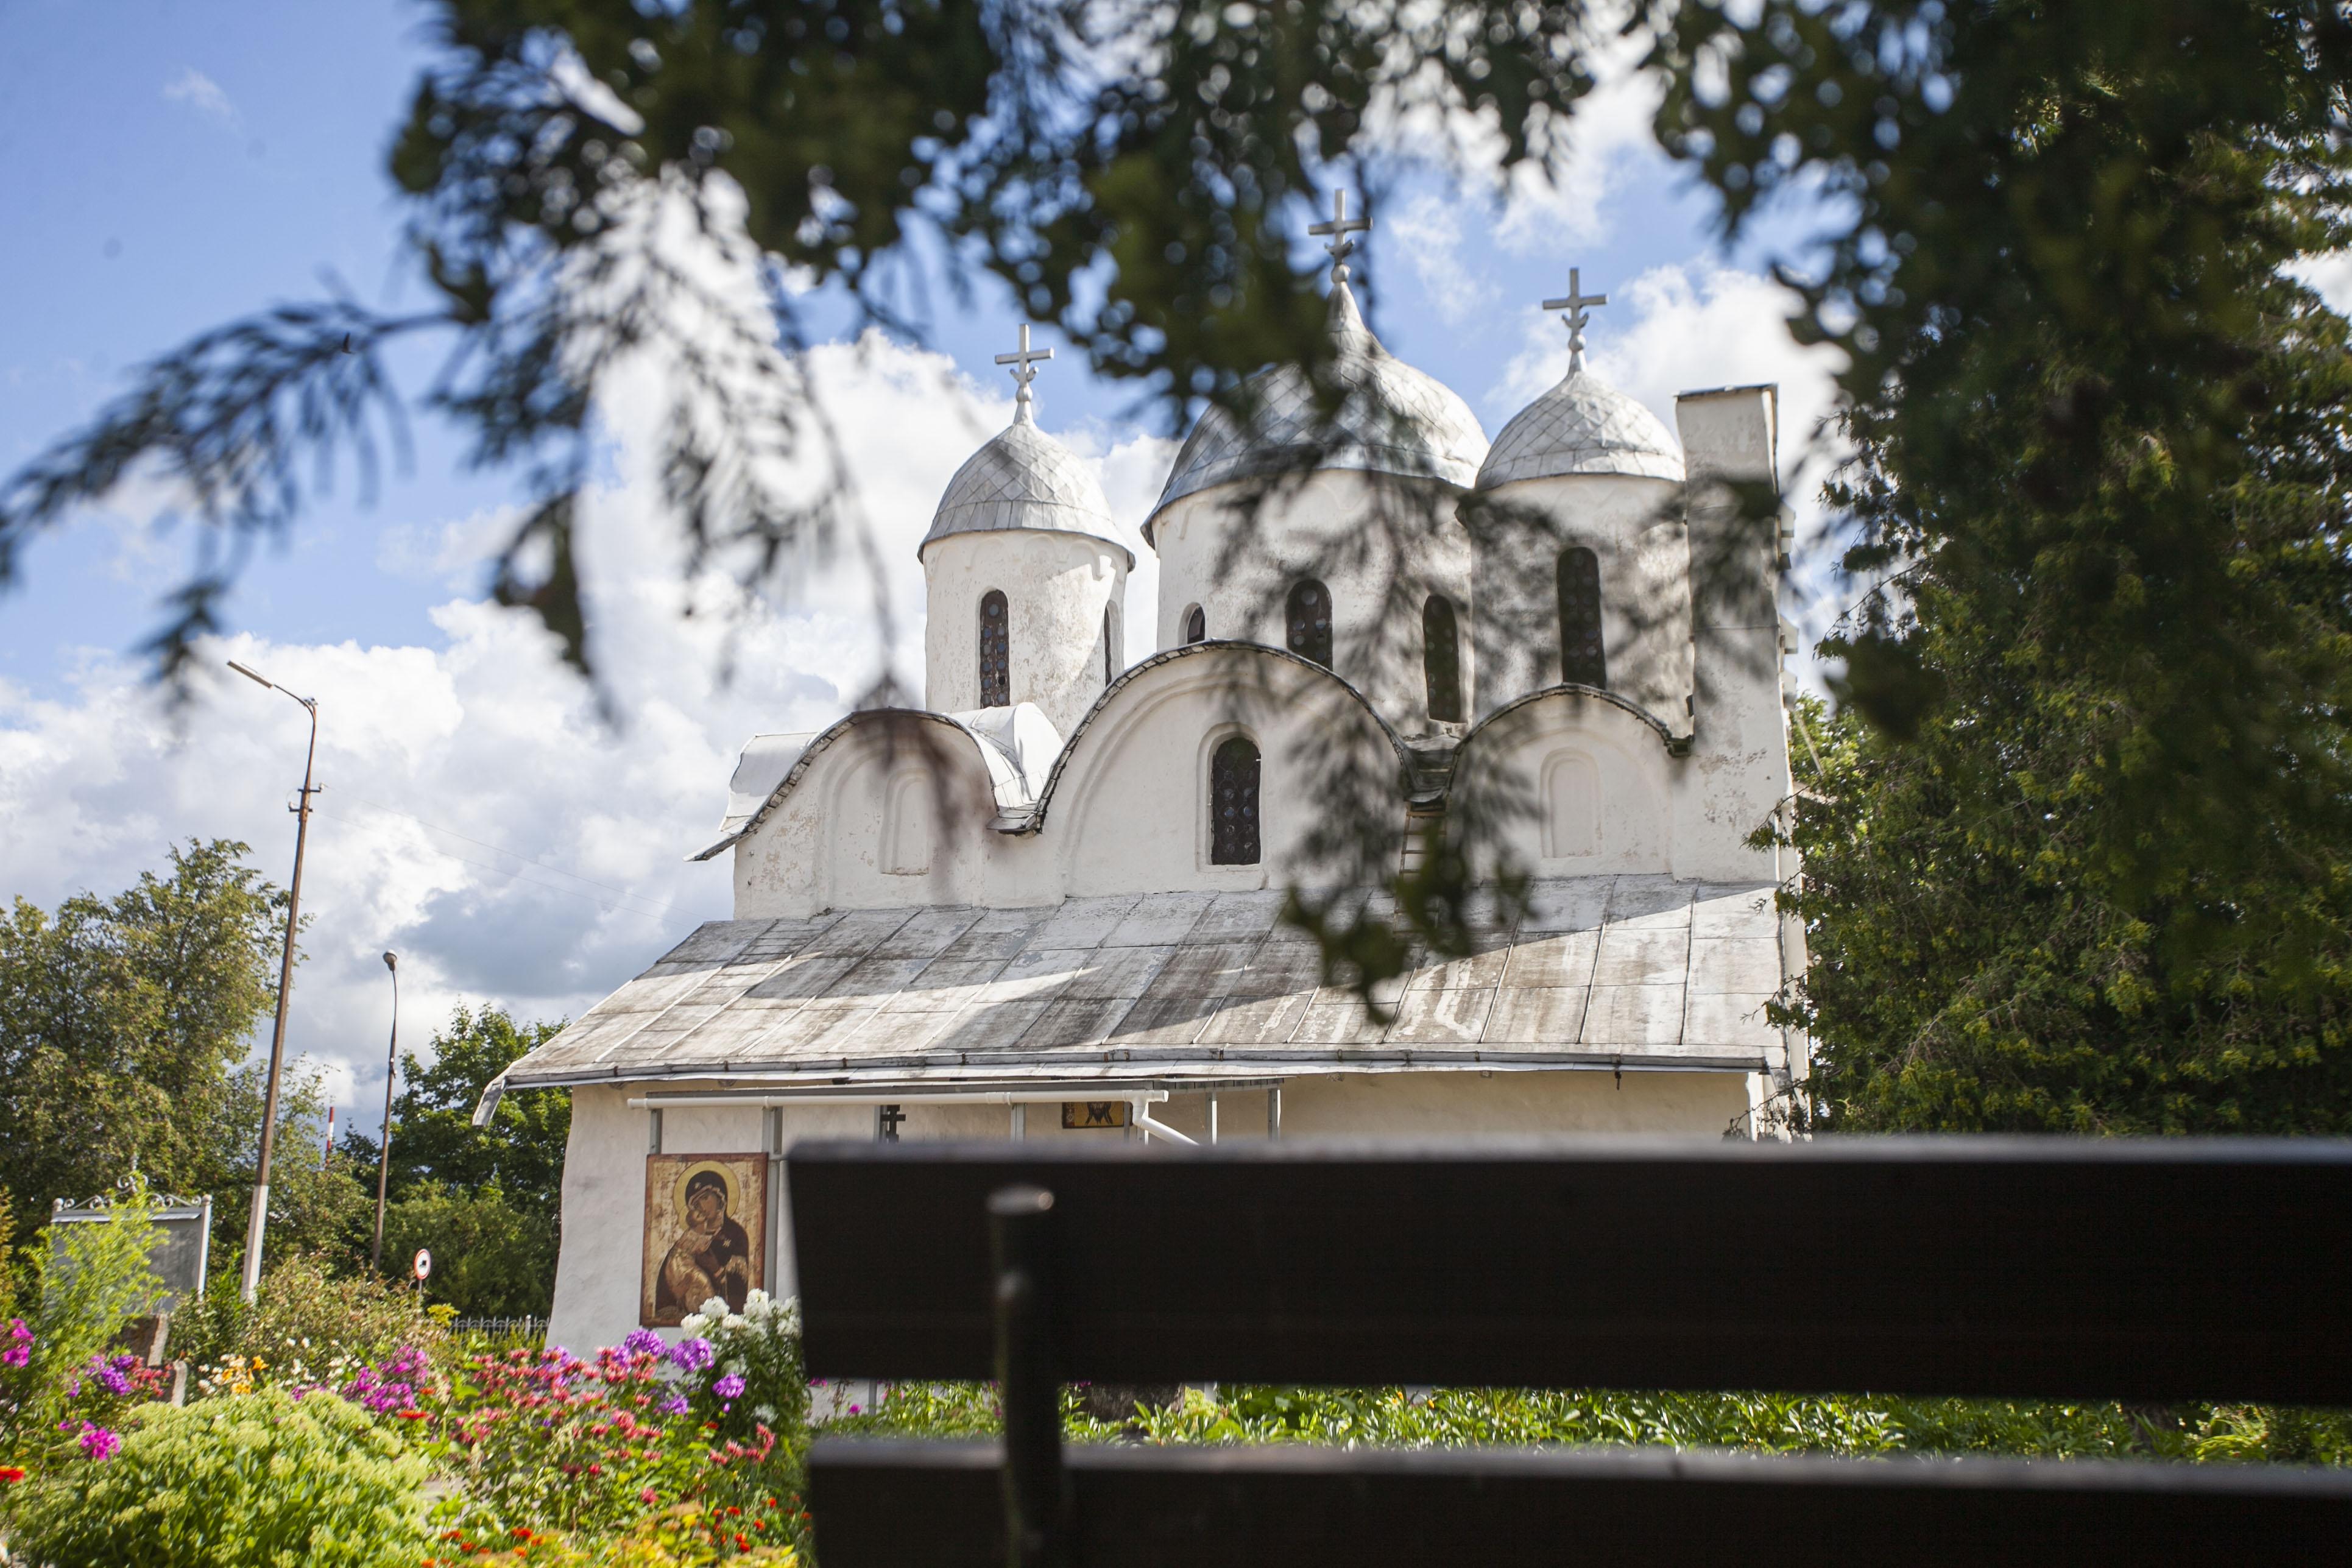 Первый каменный храм Пскова фото Арсения Тимашова